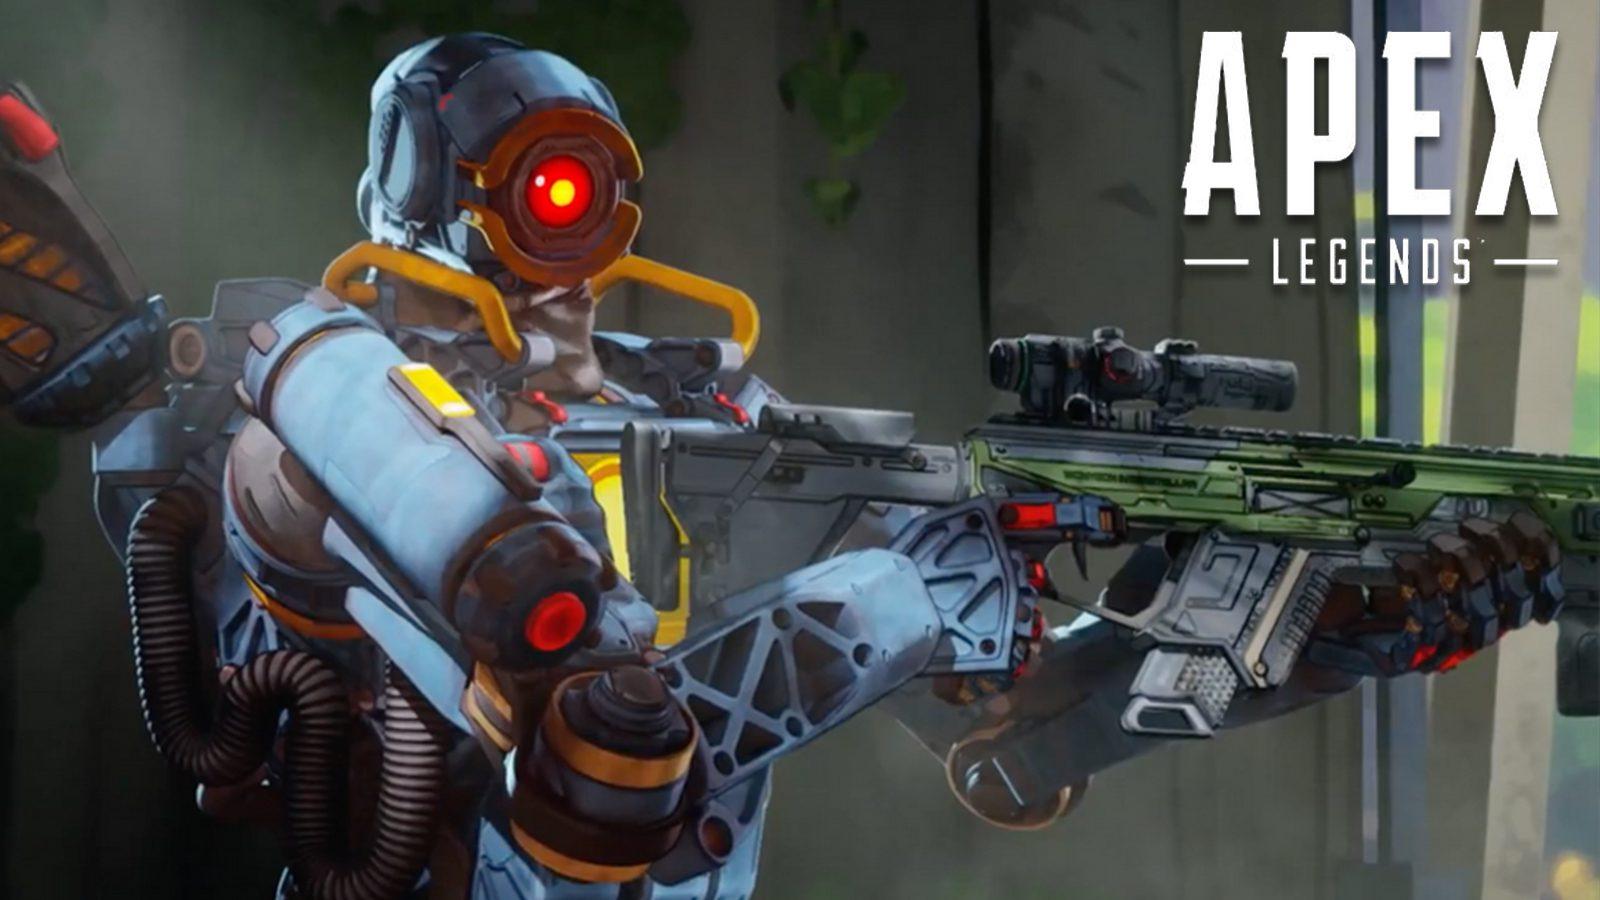 تحميل لعبه apex legends للكمبيوتر 2019